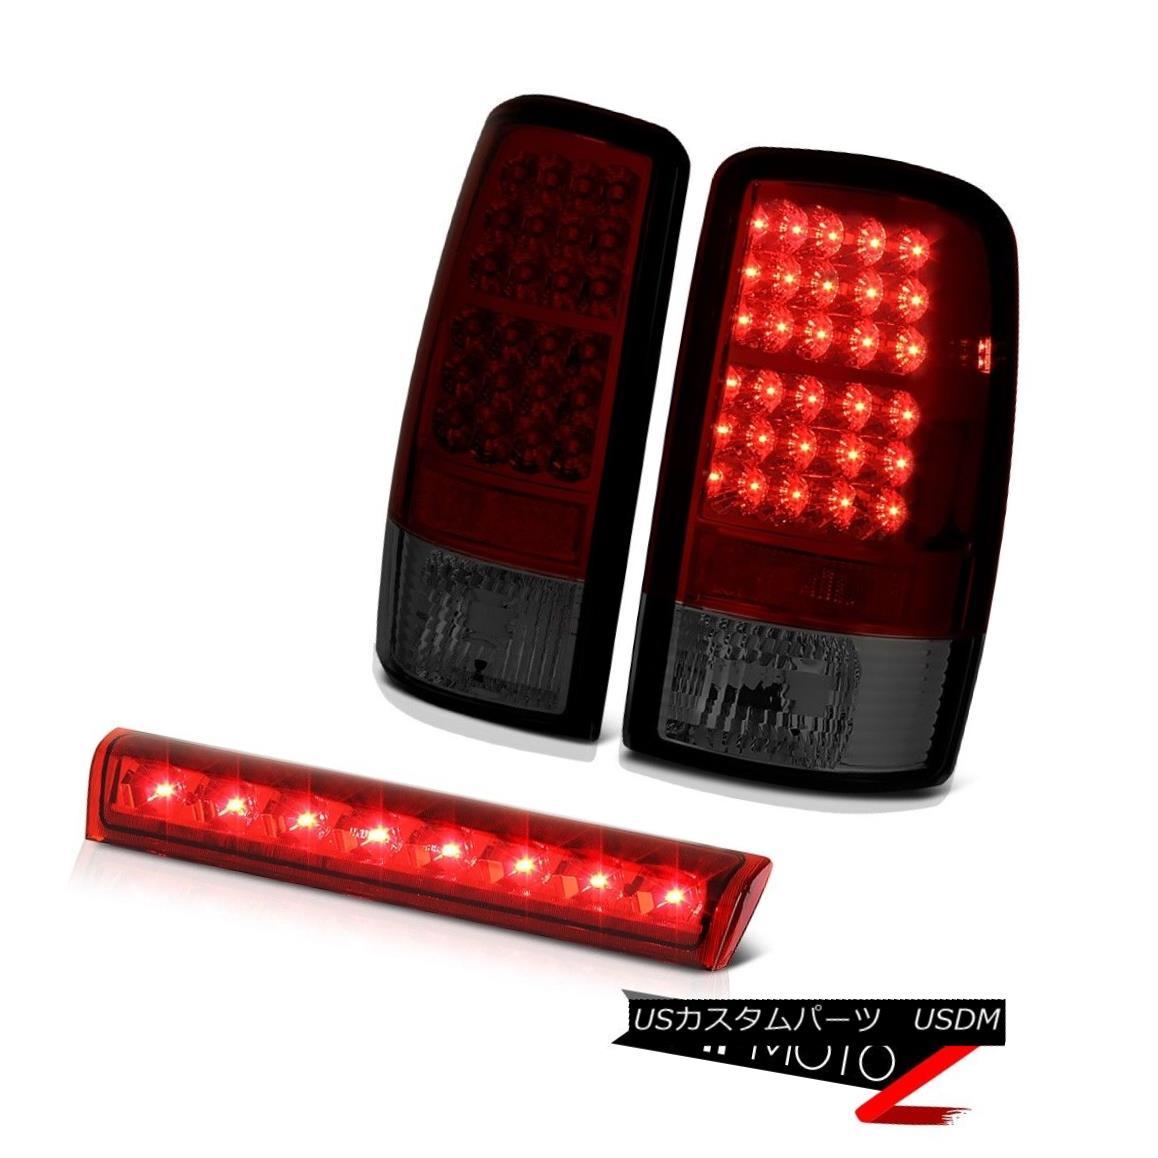 テールライト 2000-2006 Chevy Suburban 8.1L SMD LED Tail Brake Lamps Roof Stop Light Wine Red 2000-2006シボレー郊外8.1L SMD LEDテールブレーキランプルーフストップライトワインレッド